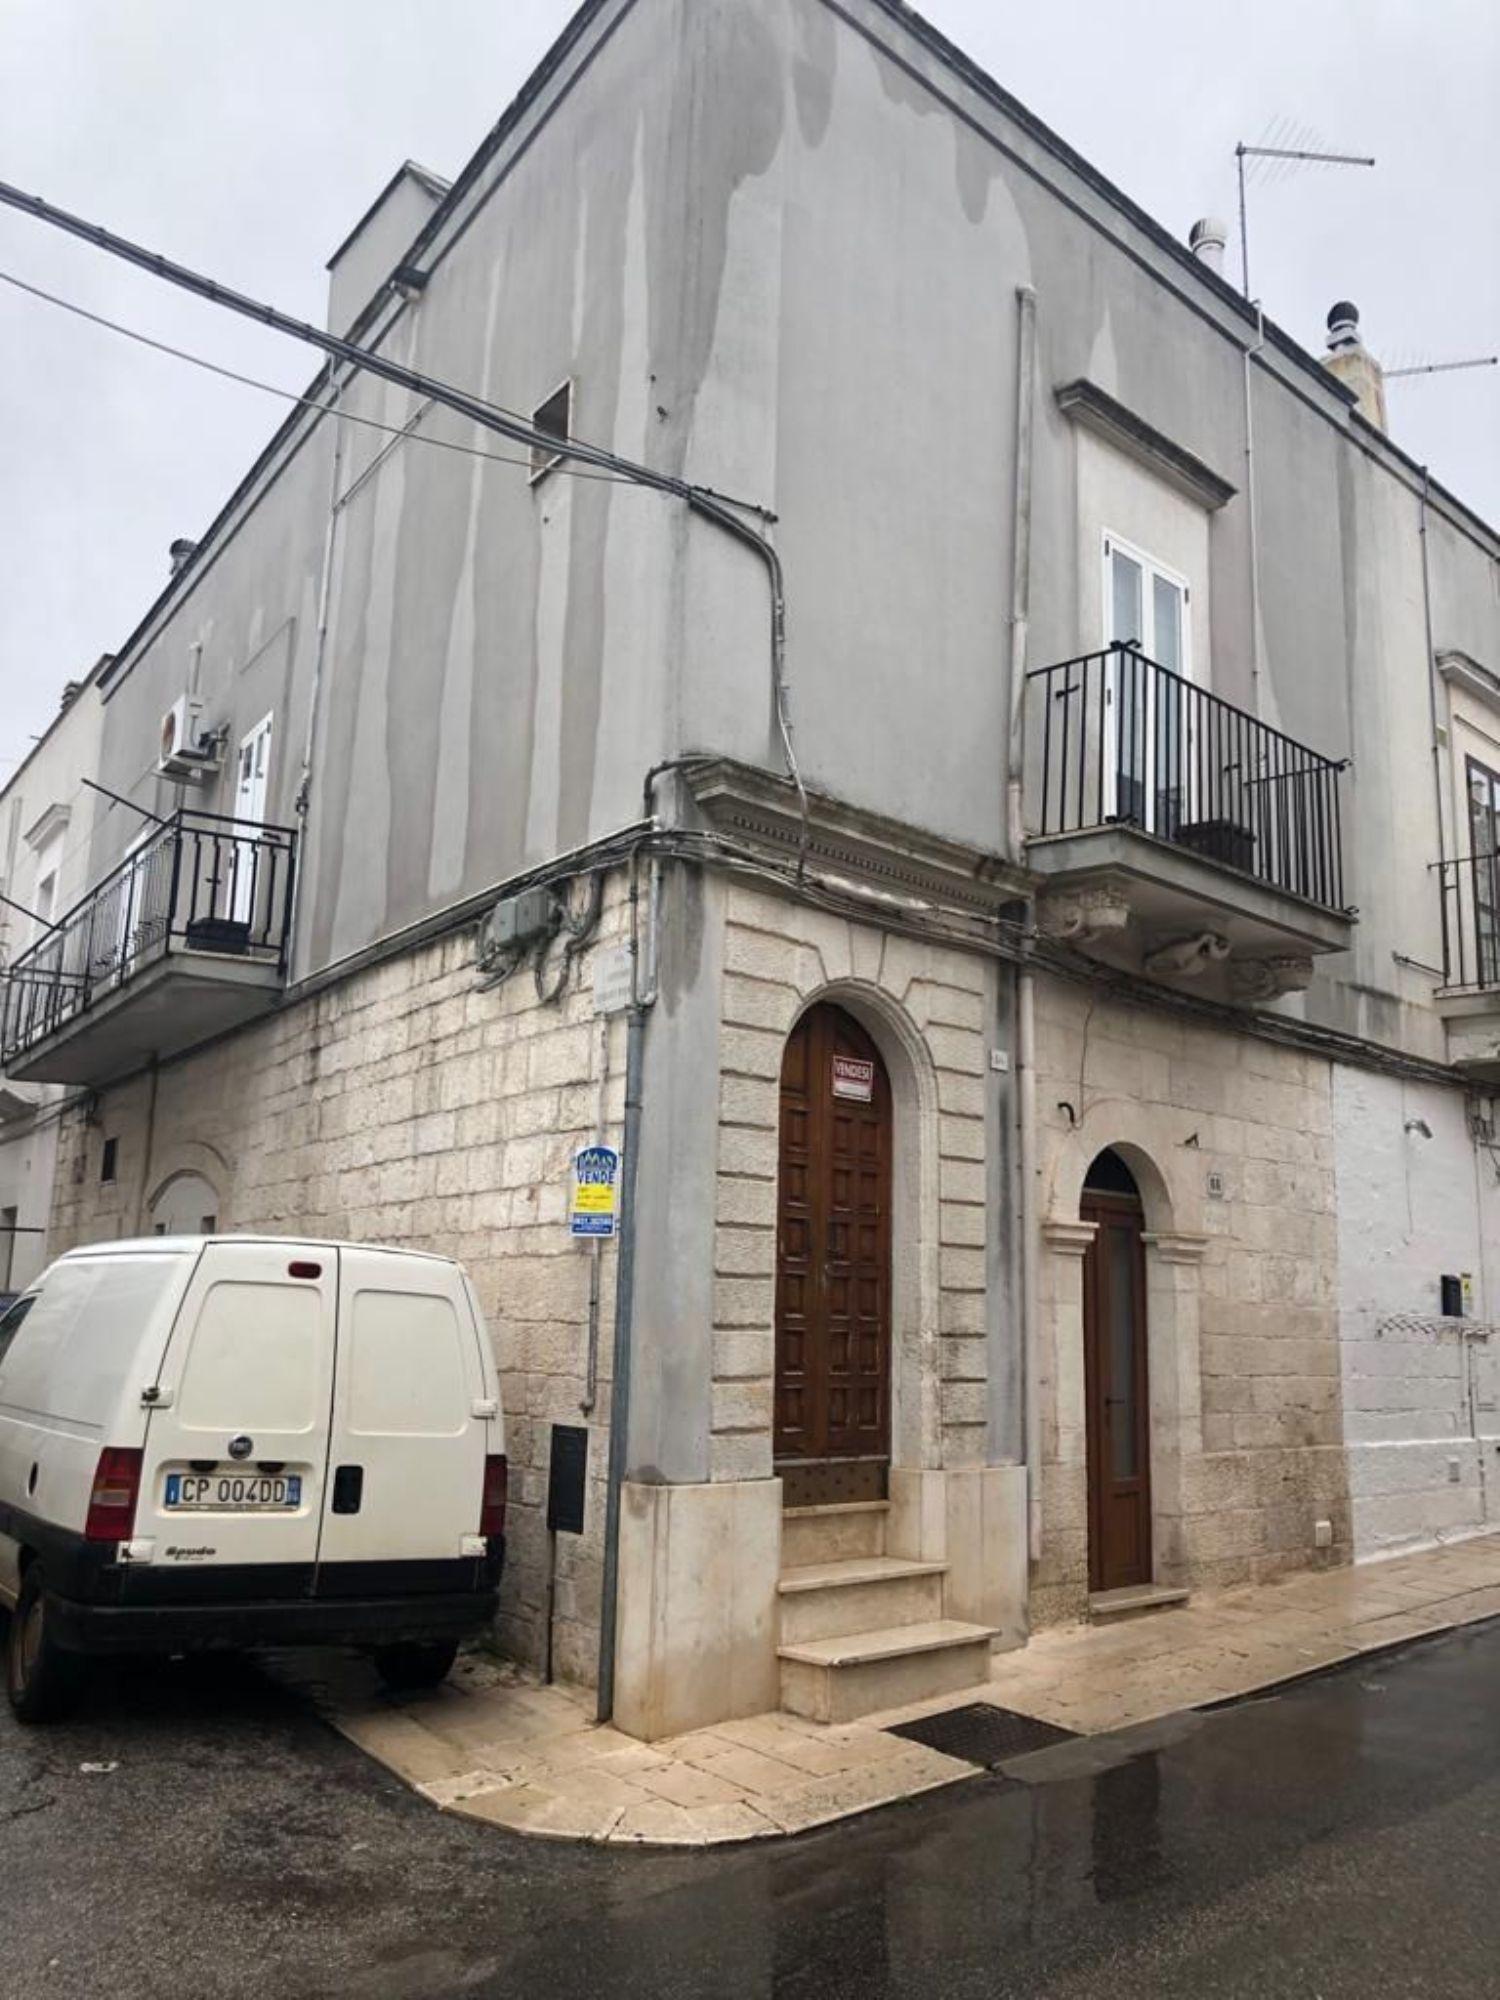 Appartamento in vendita a Ceglie Messapica, 3 locali, prezzo € 90.000 | CambioCasa.it